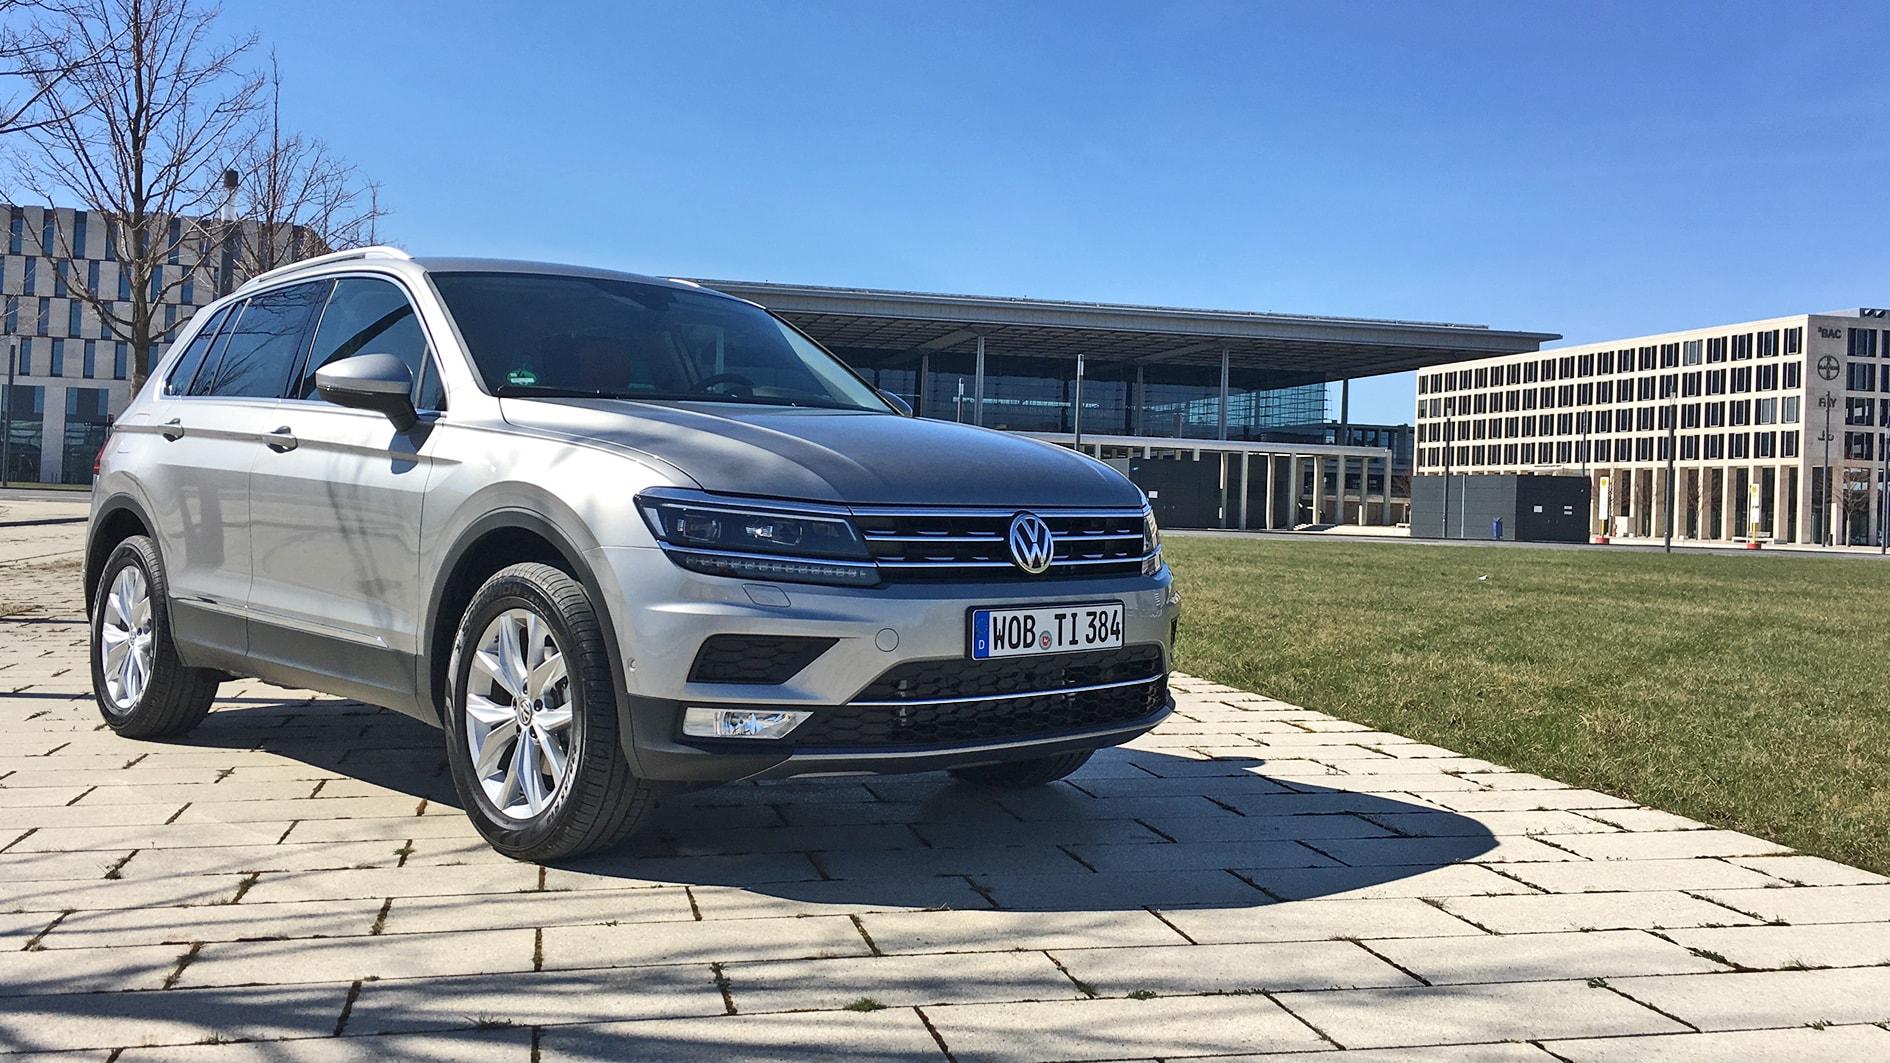 Volkswagen Tiguan 2 Free